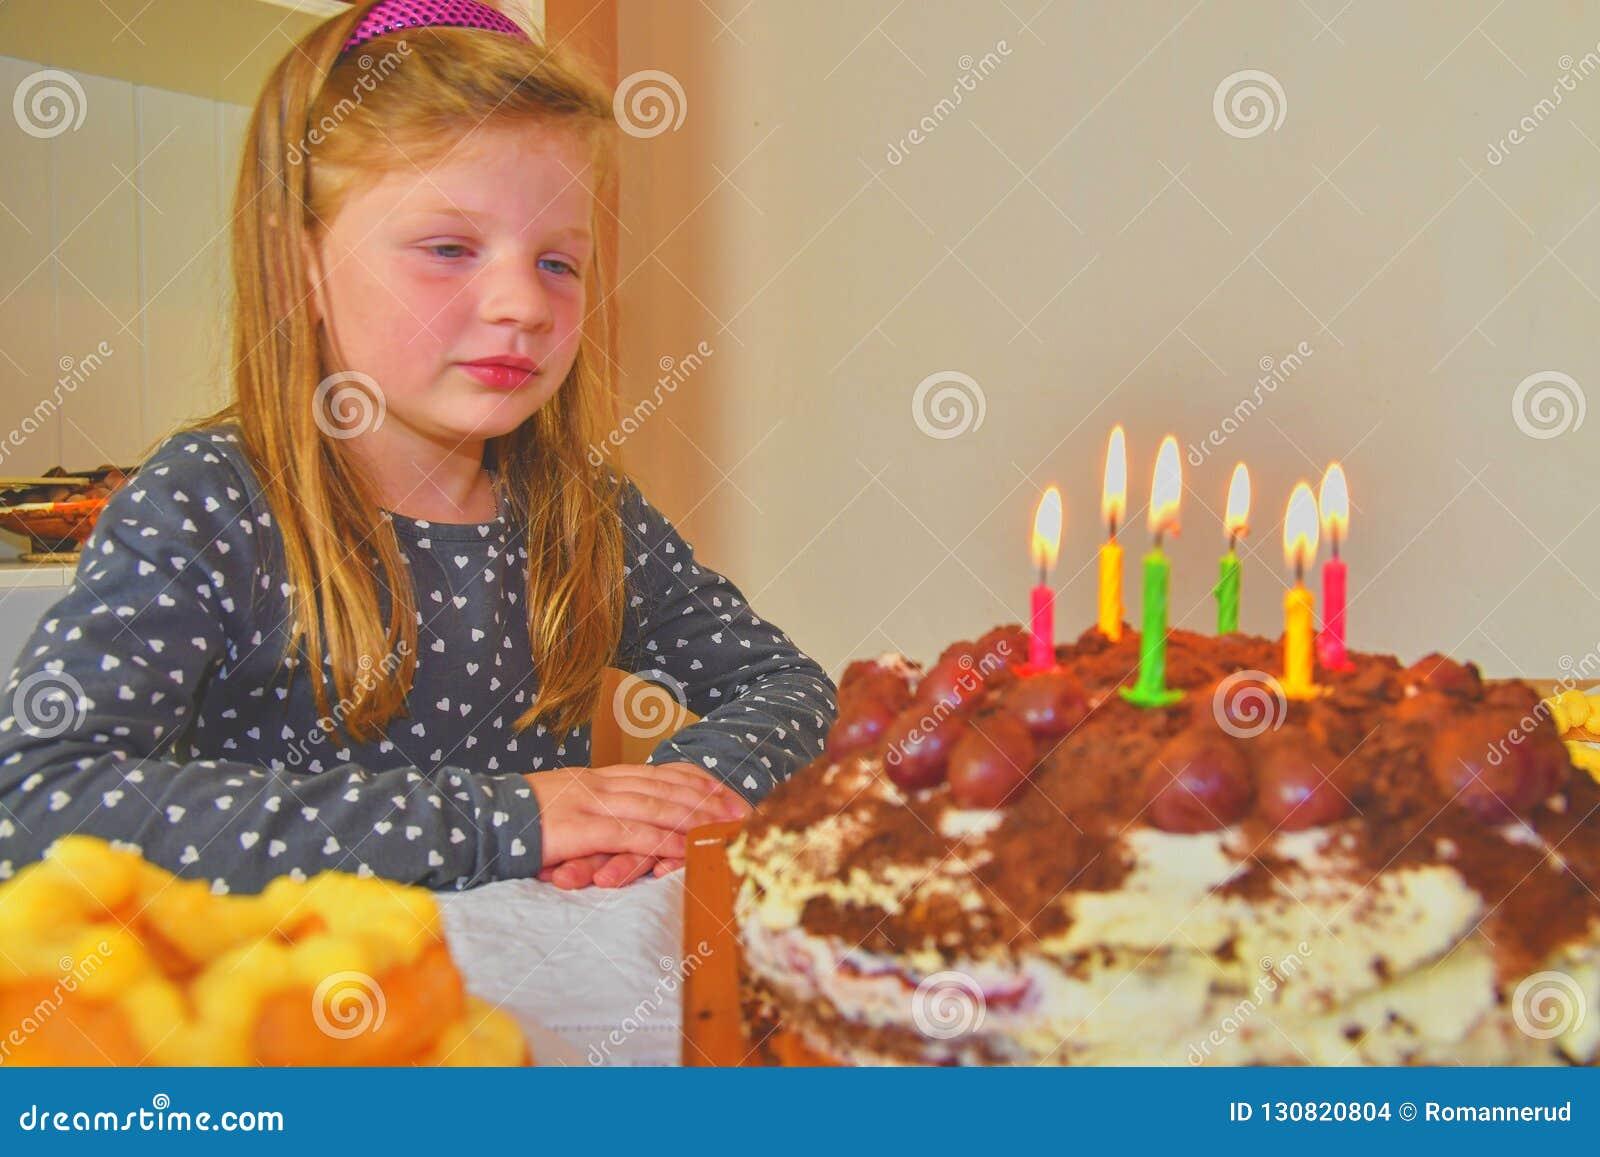 Μικρό κορίτσι που κοιτάζει στο κέικ γενεθλίων της Μικρό κορίτσι που γιορτάζει τα γενέθλια έξι της Κέικ και μικρό κορίτσι γενεθλίω